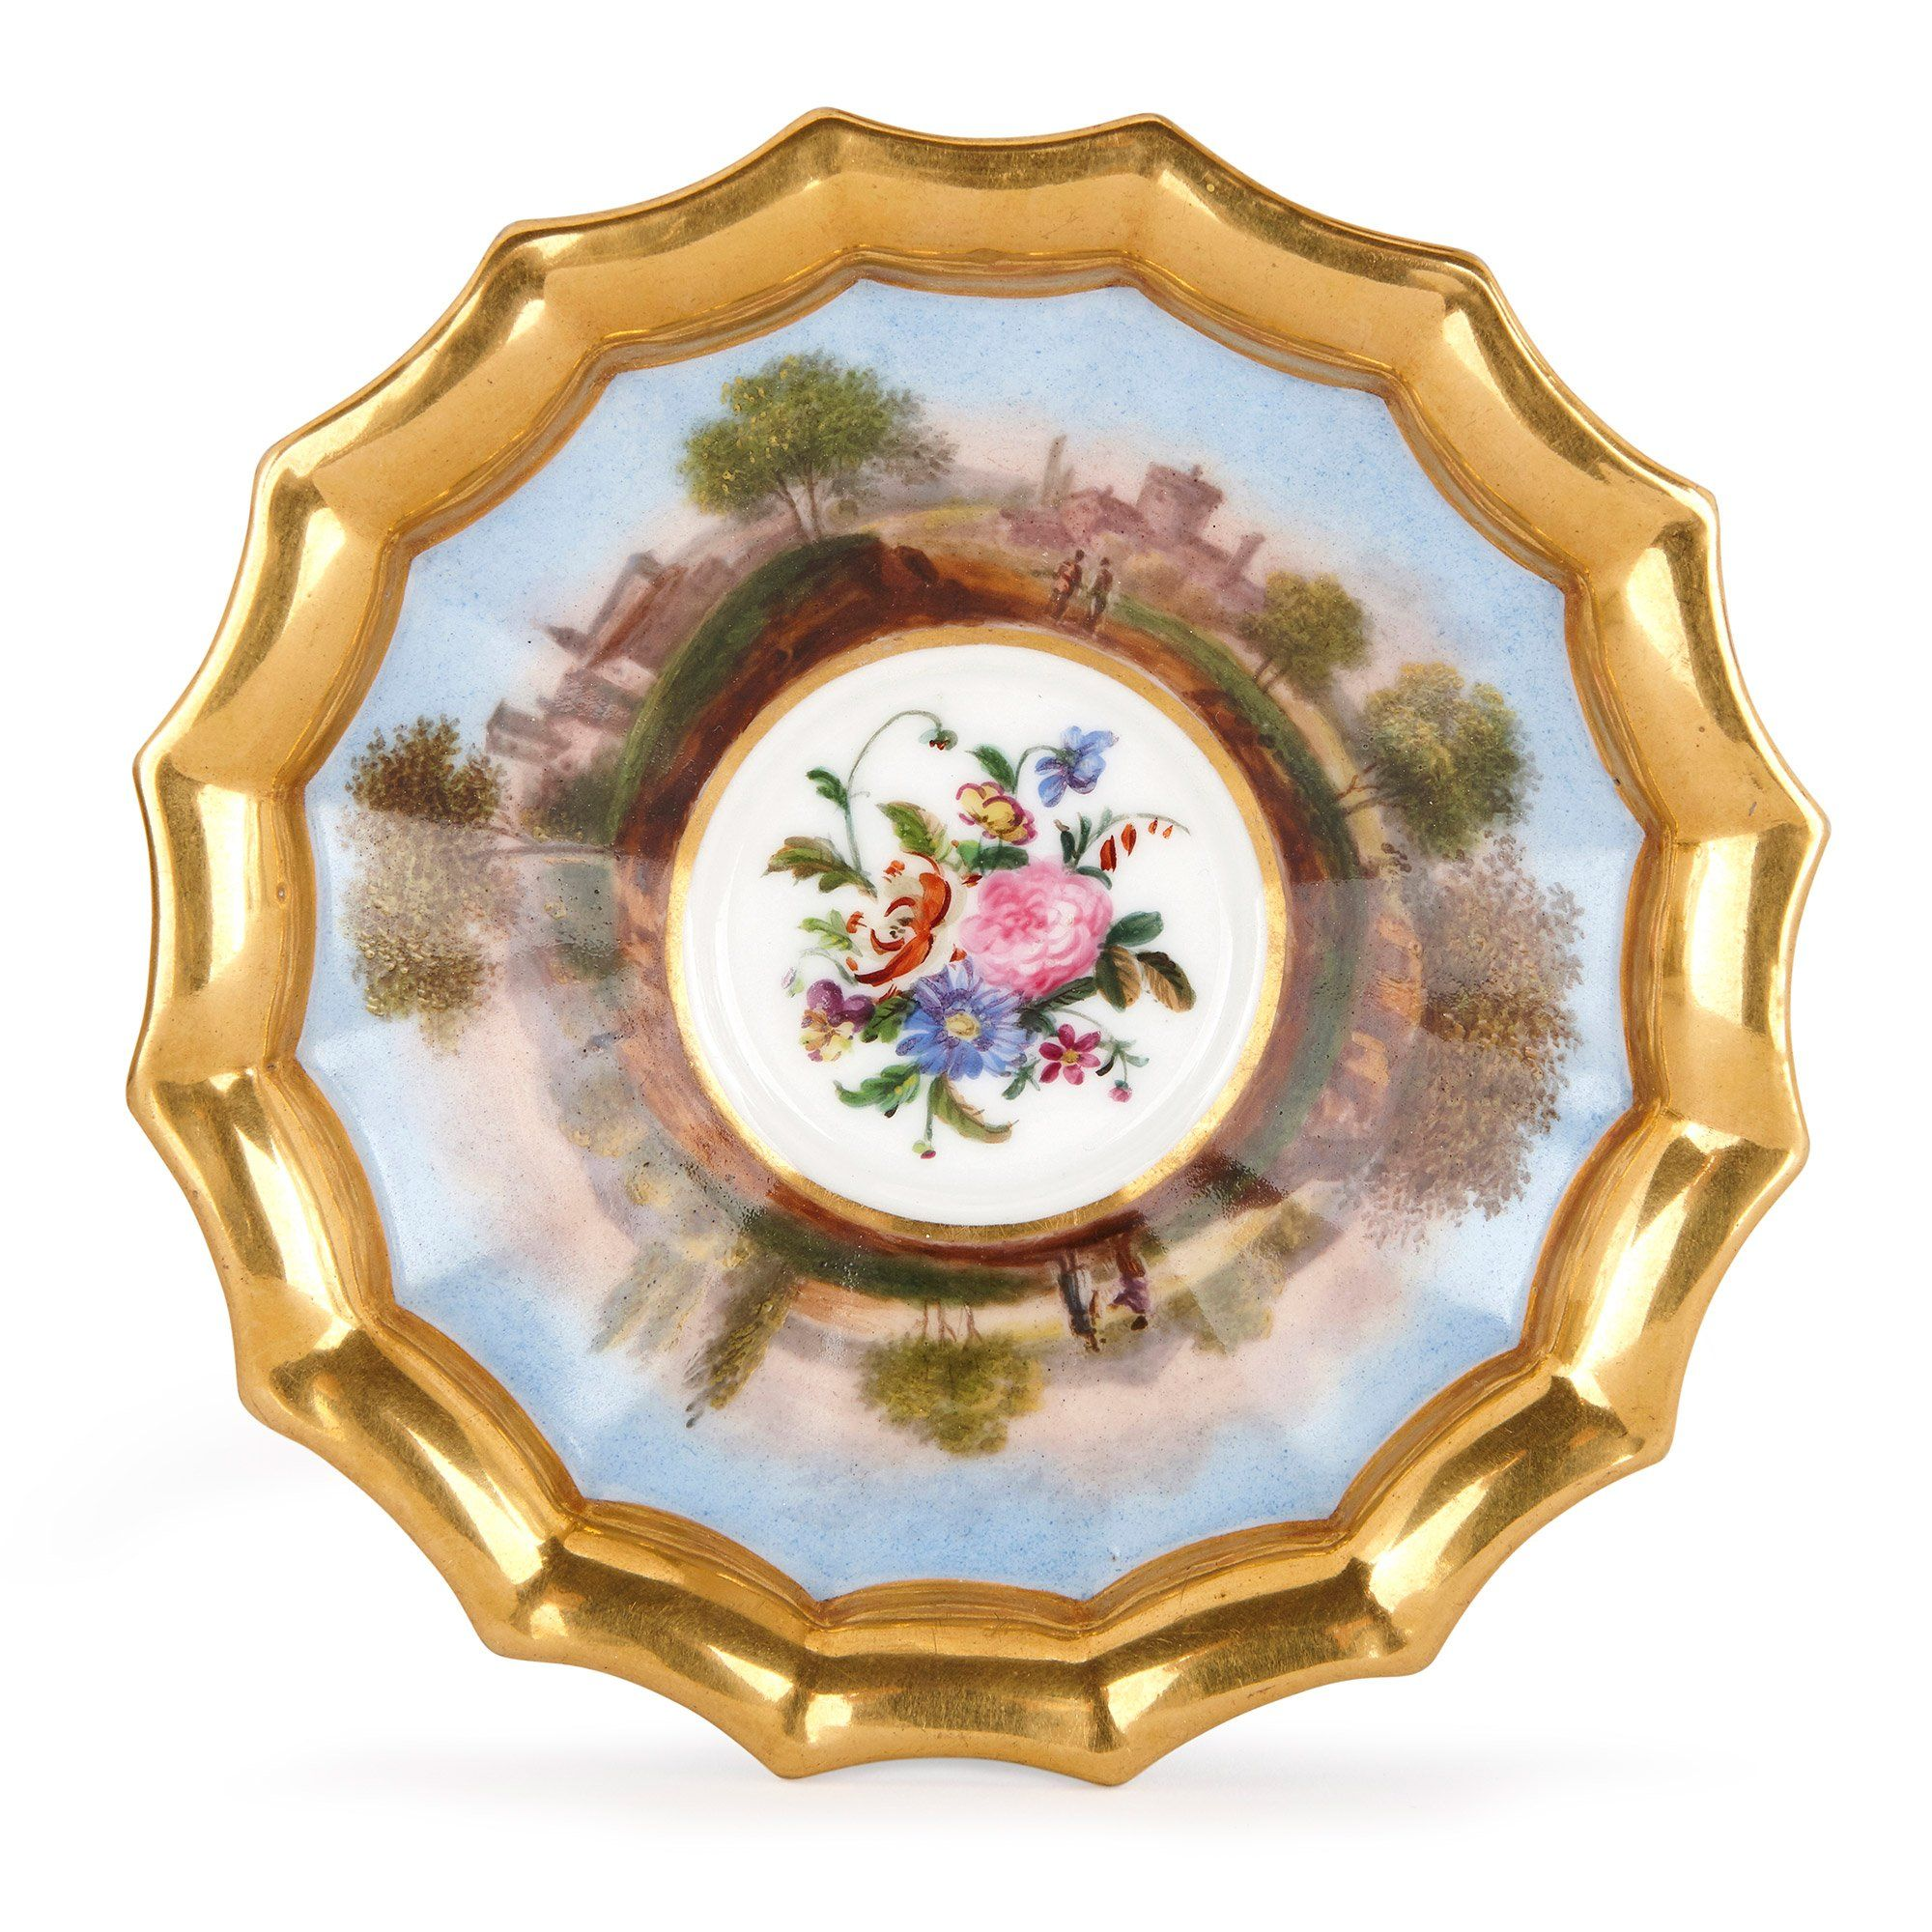 Antique French Neoclassical Style Paris Porcelain Tea Set